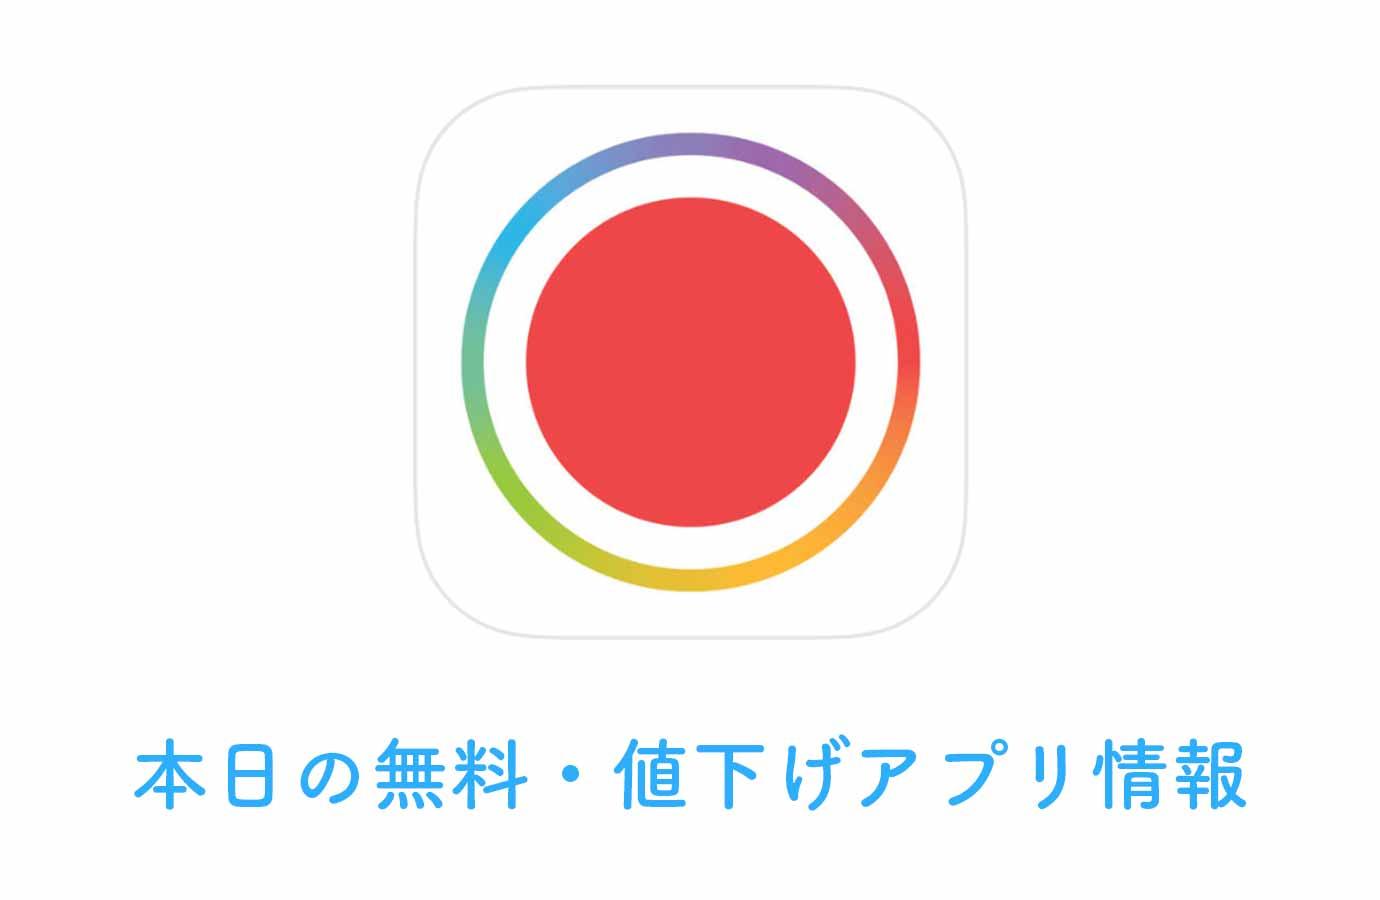 120円→無料、高機能な動画撮影・編集アプリ「Spark」など【5/7】本日の無料・値下げアプリ情報